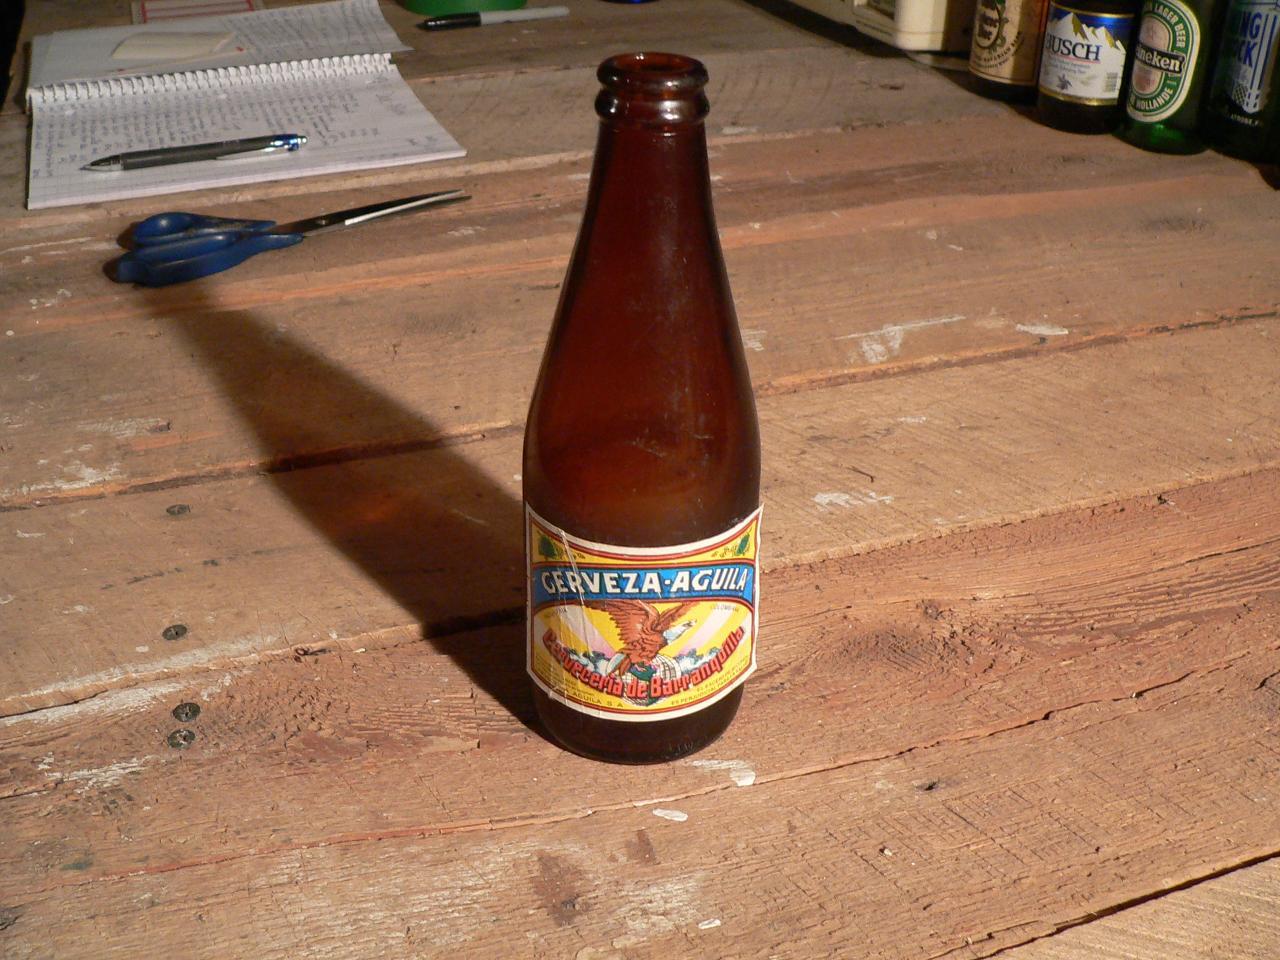 Biere cerveza aguila # 4739.41